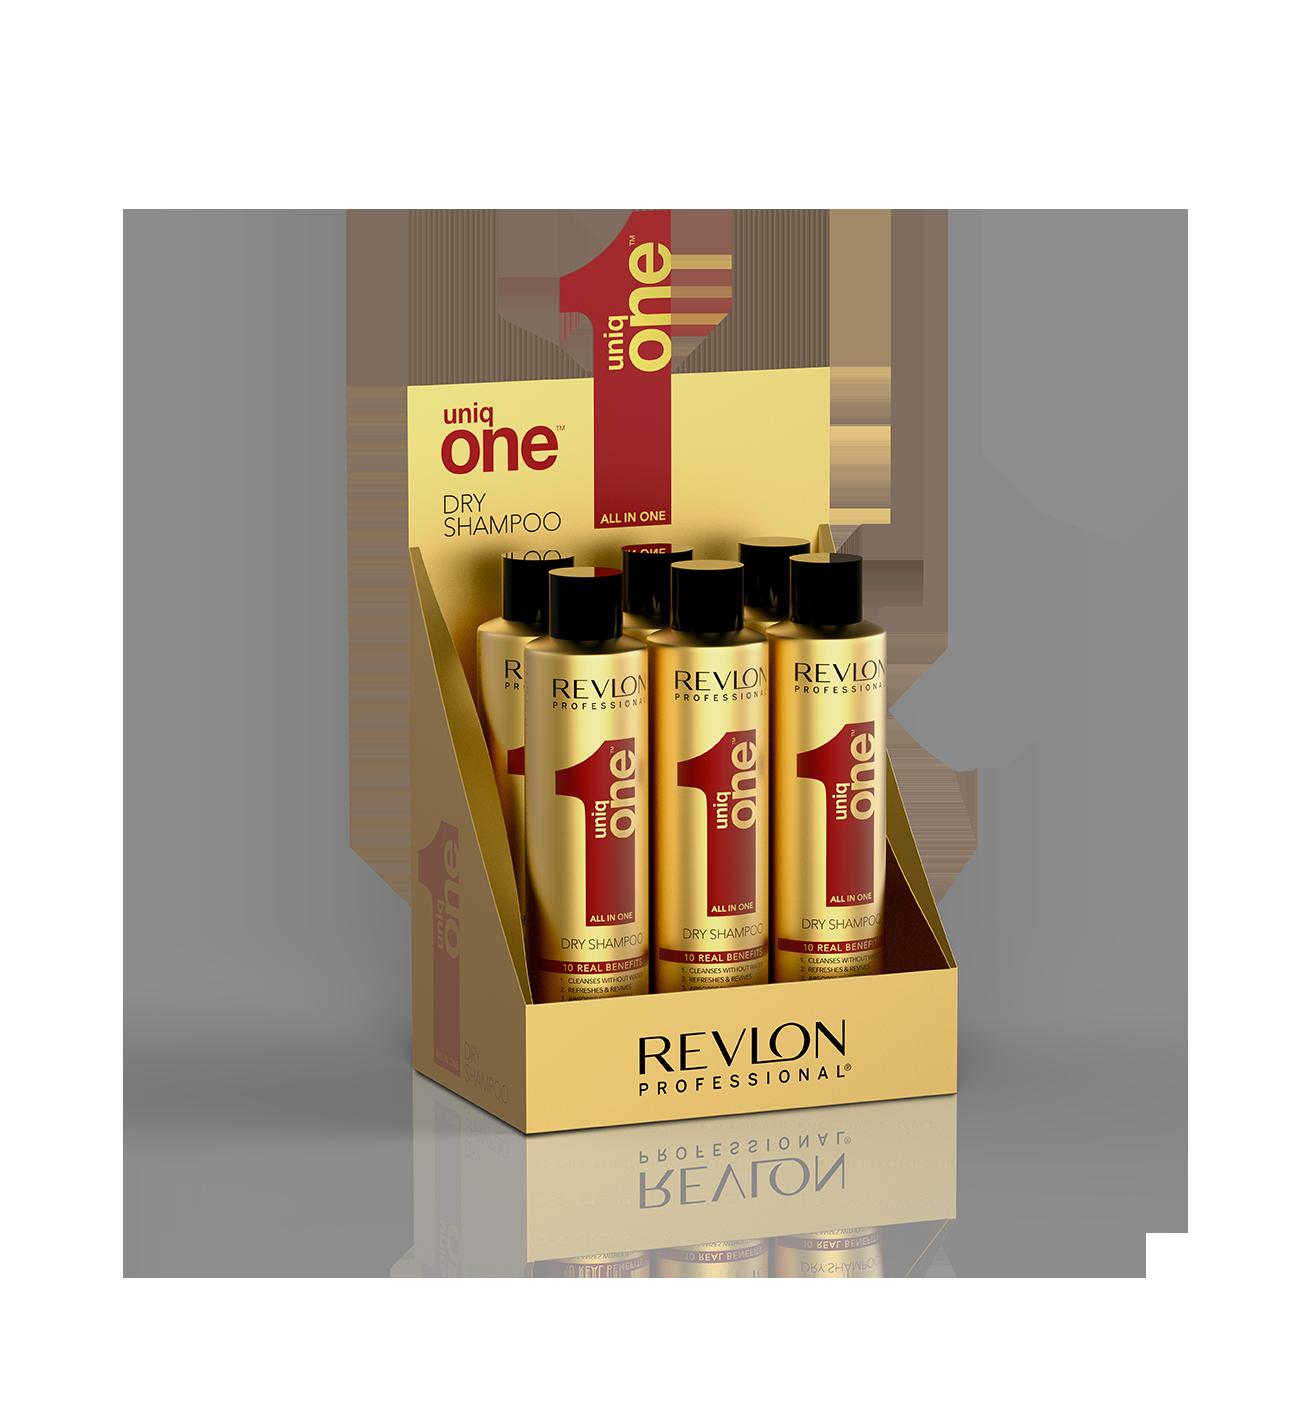 цена на REVLON Professional Набор шампуней сухой / UNIQ ONE DRY SHAMPOO 6*300 мл